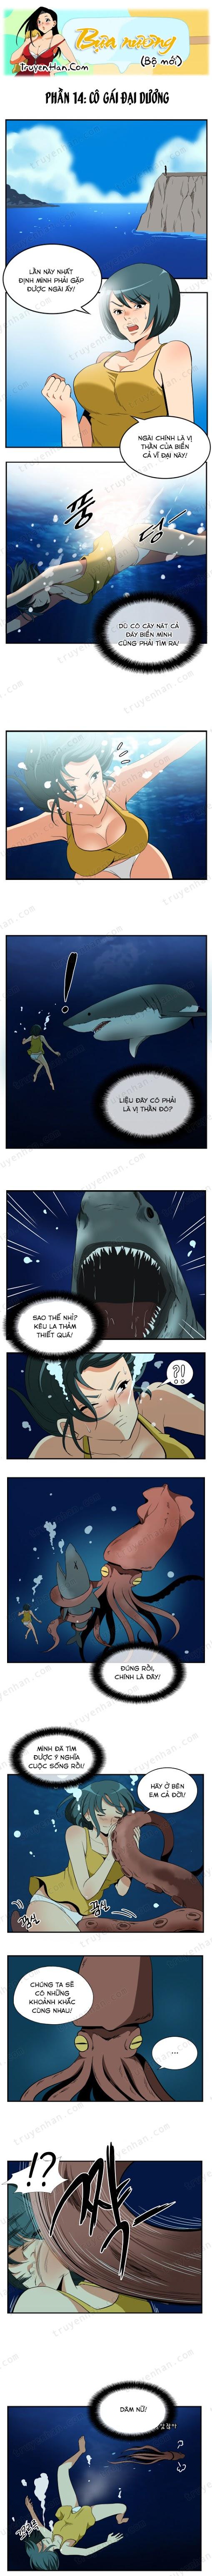 Bựa nương (bộ mới) phần 14: Cô gái đại dương